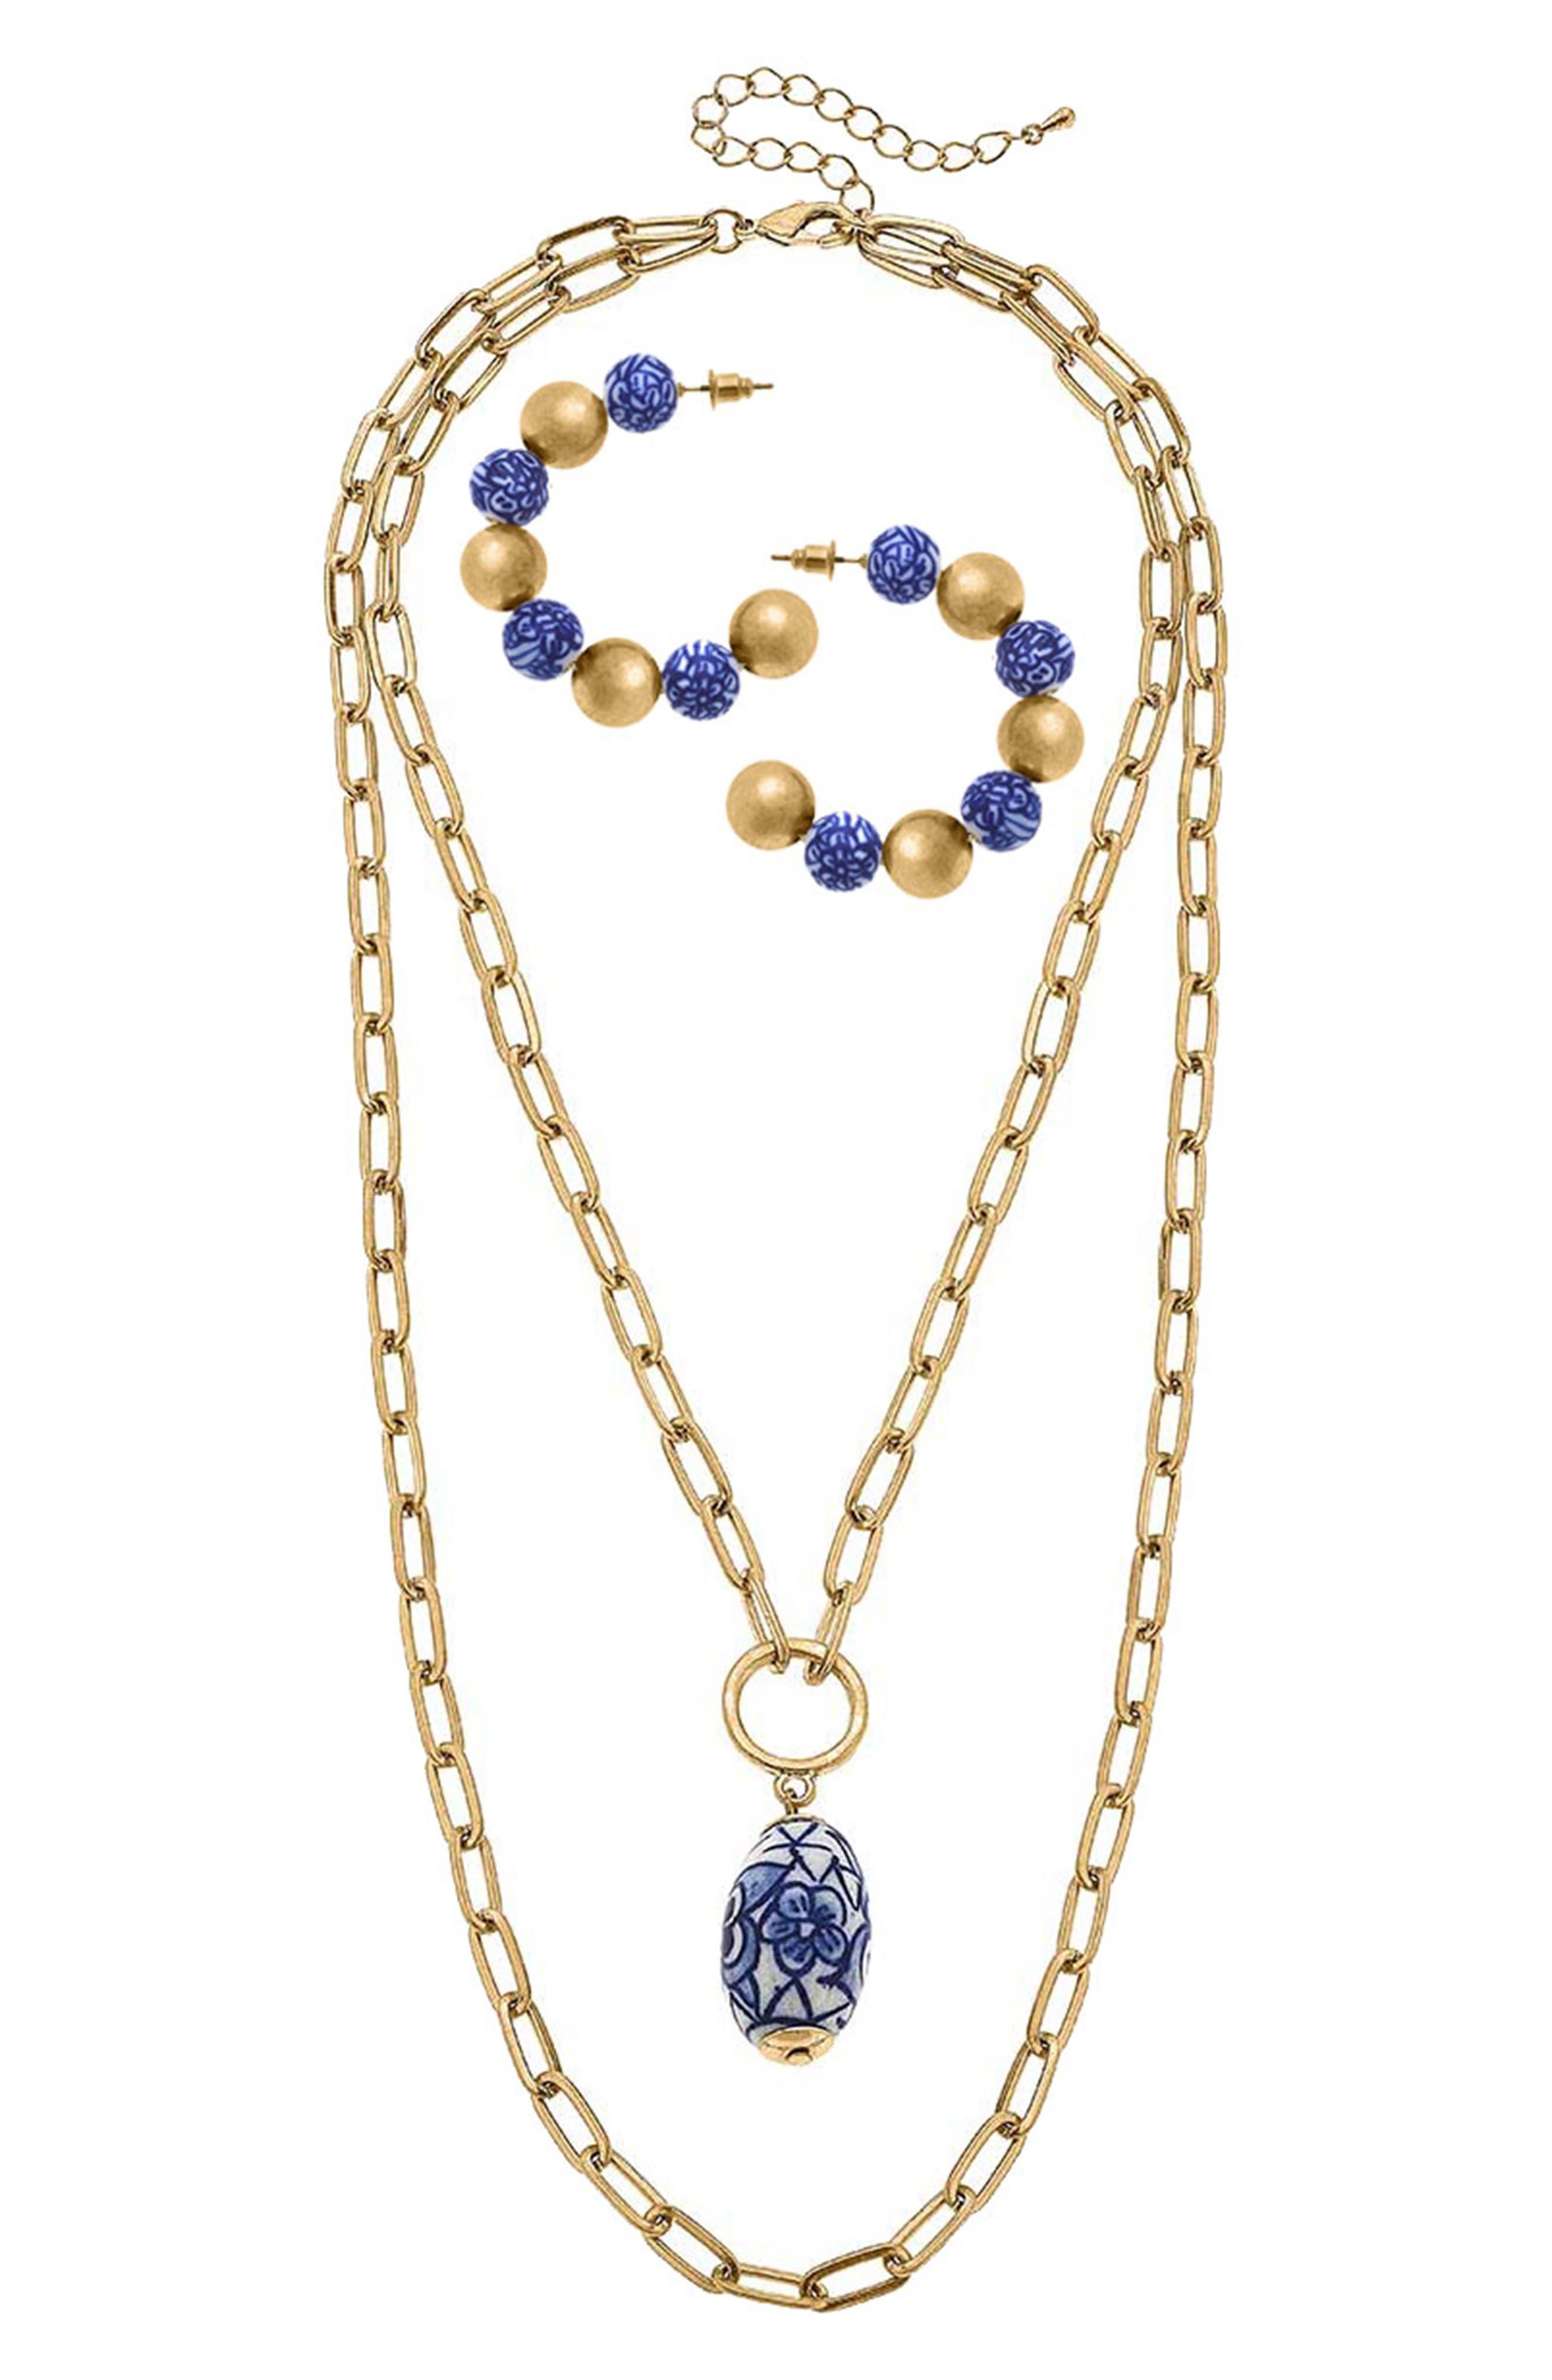 Bracelet & Layered Necklace Set